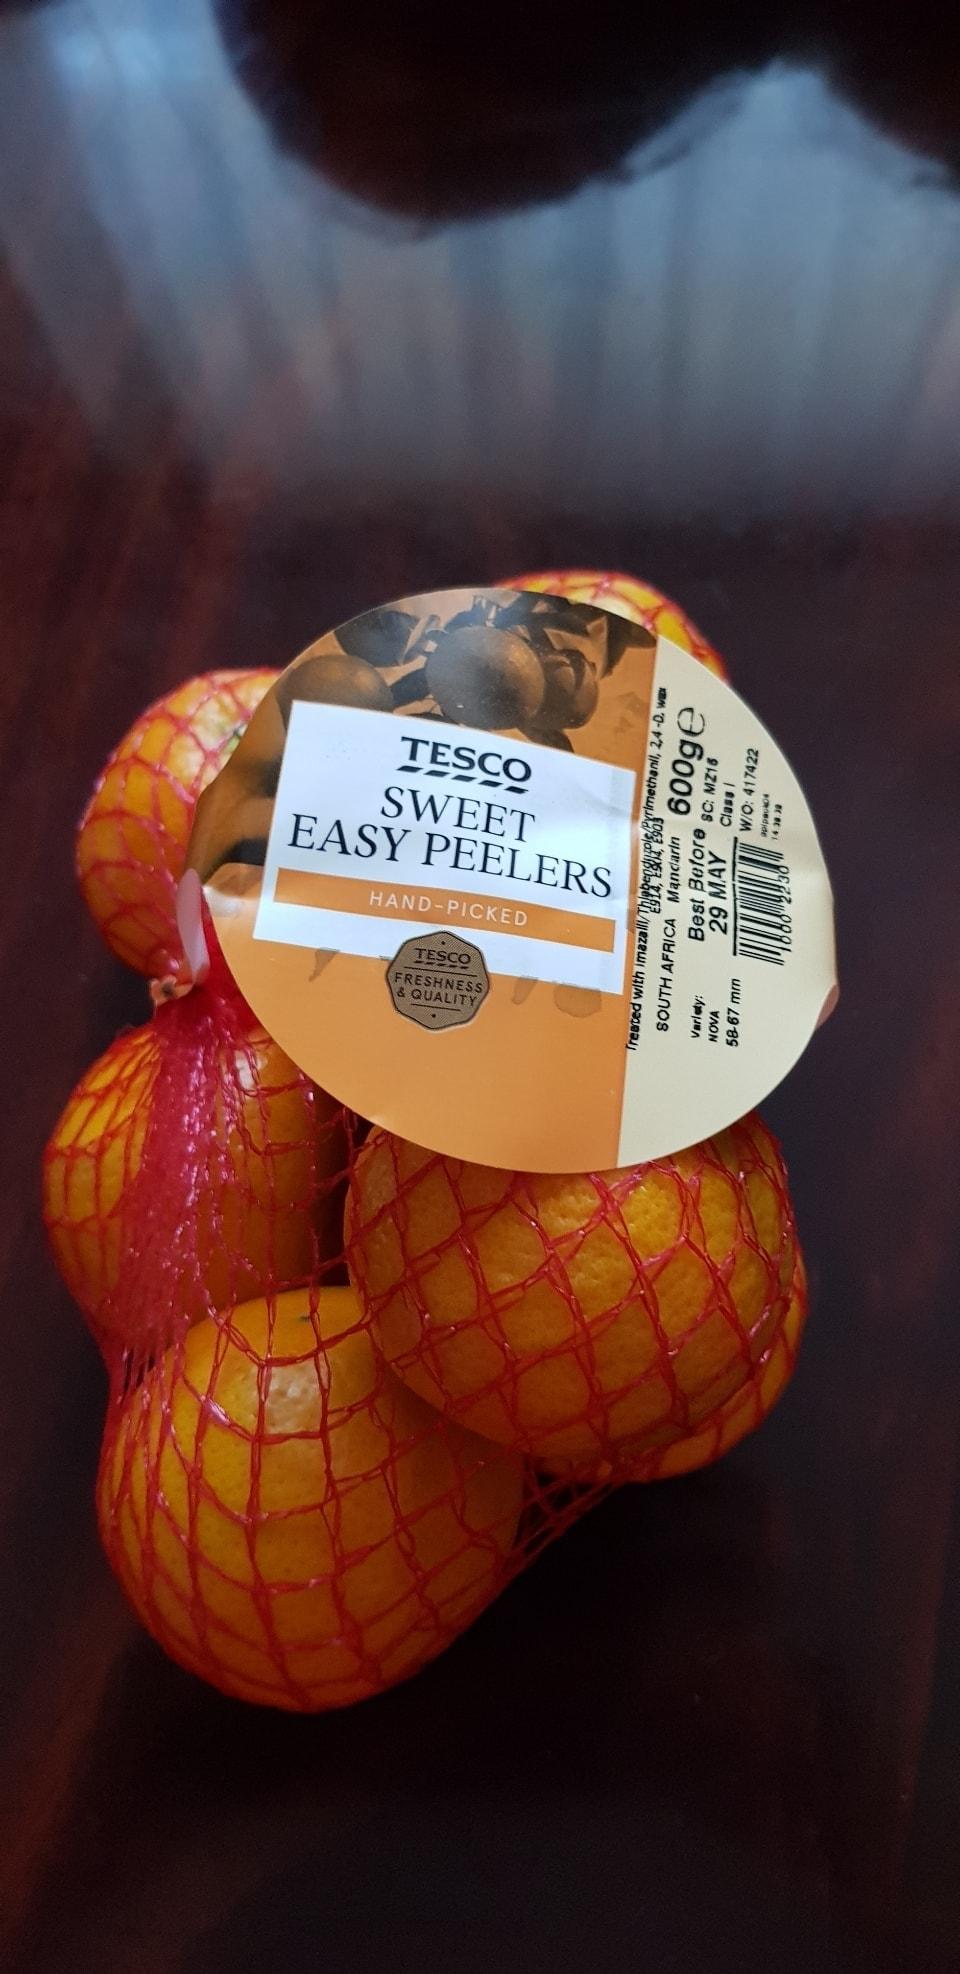 Sweet easy peelers